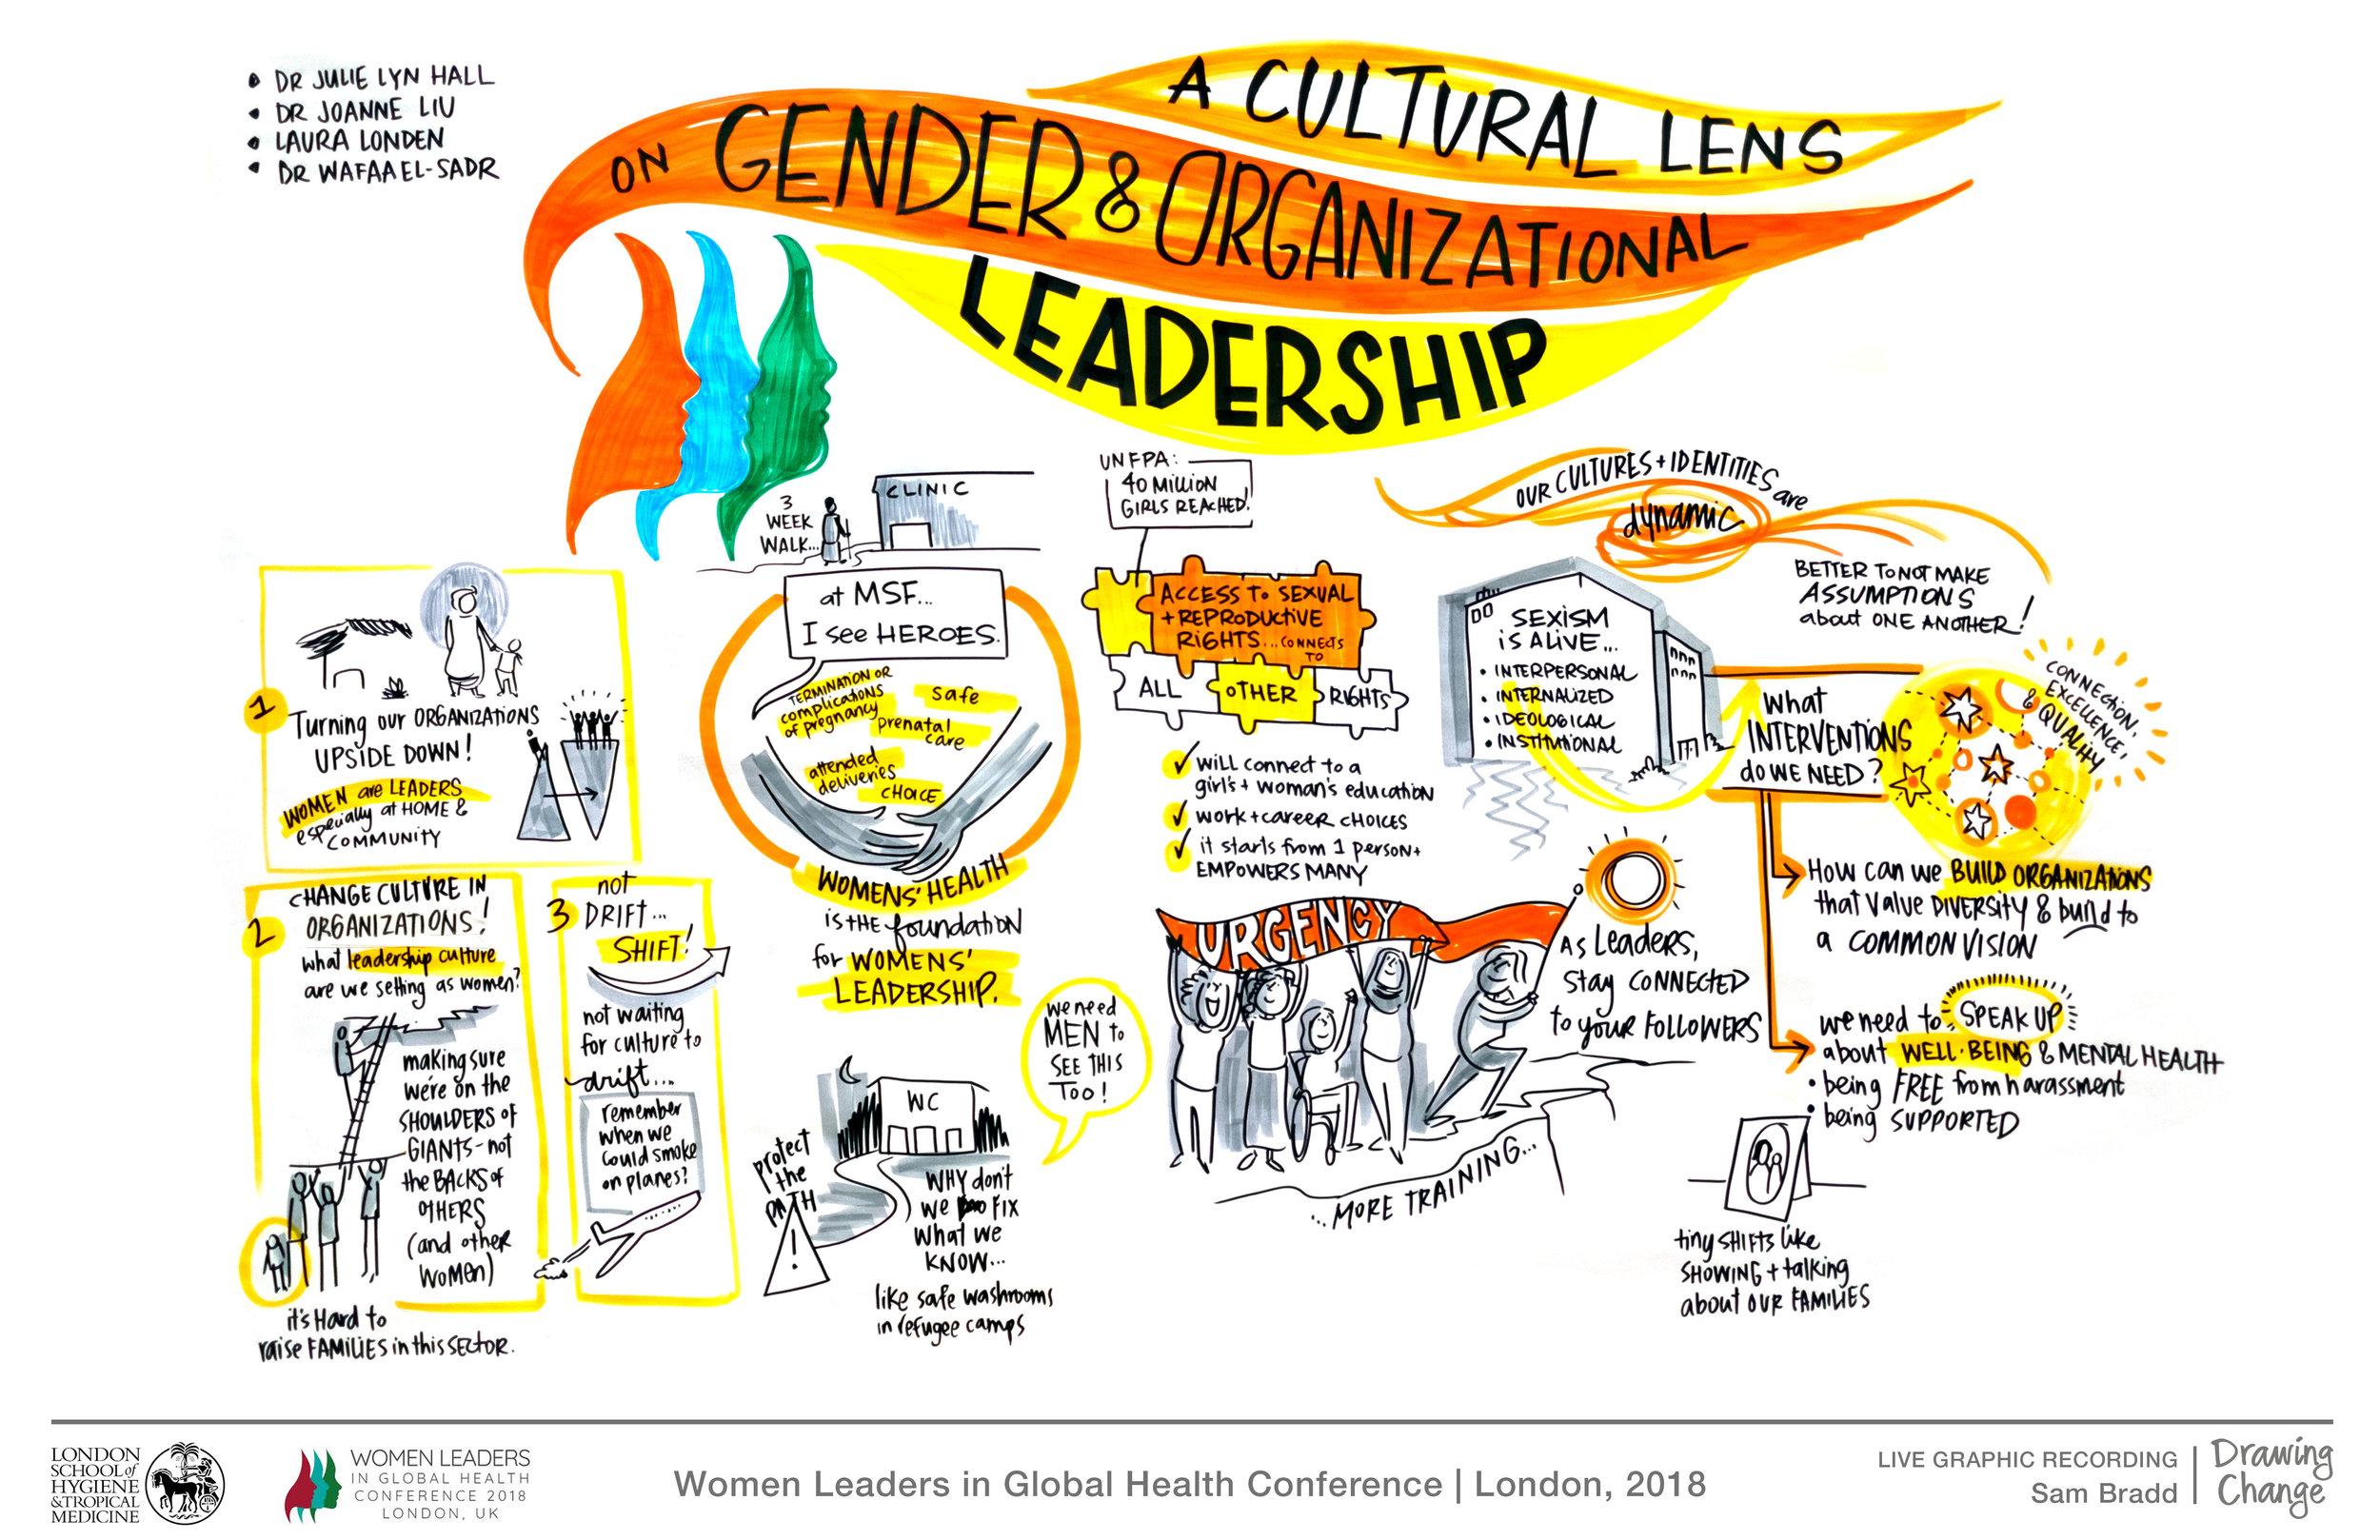 LSHTM_CulturalLensonLeadership_WEB.jpg